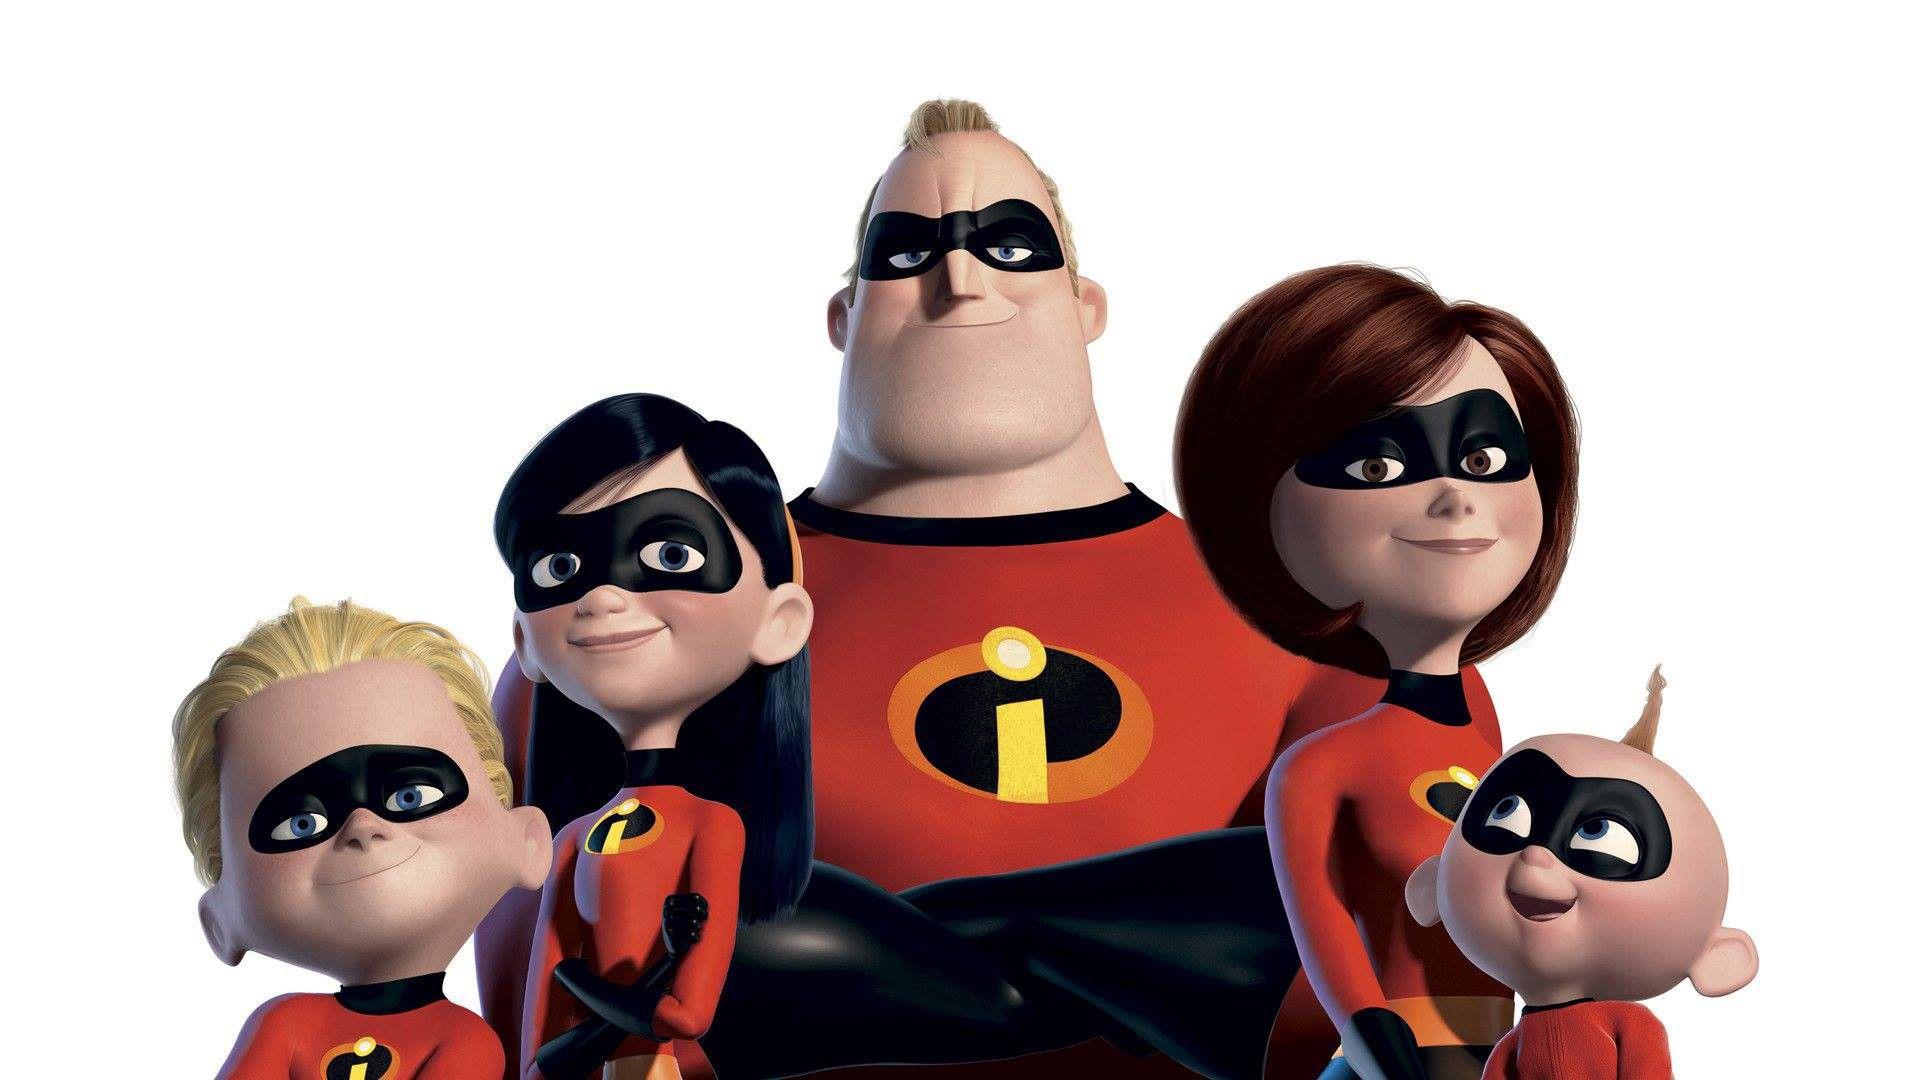 8 phim hoạt hình gây sốt toàn thế giới của Pixar không thể bỏ qua (4)